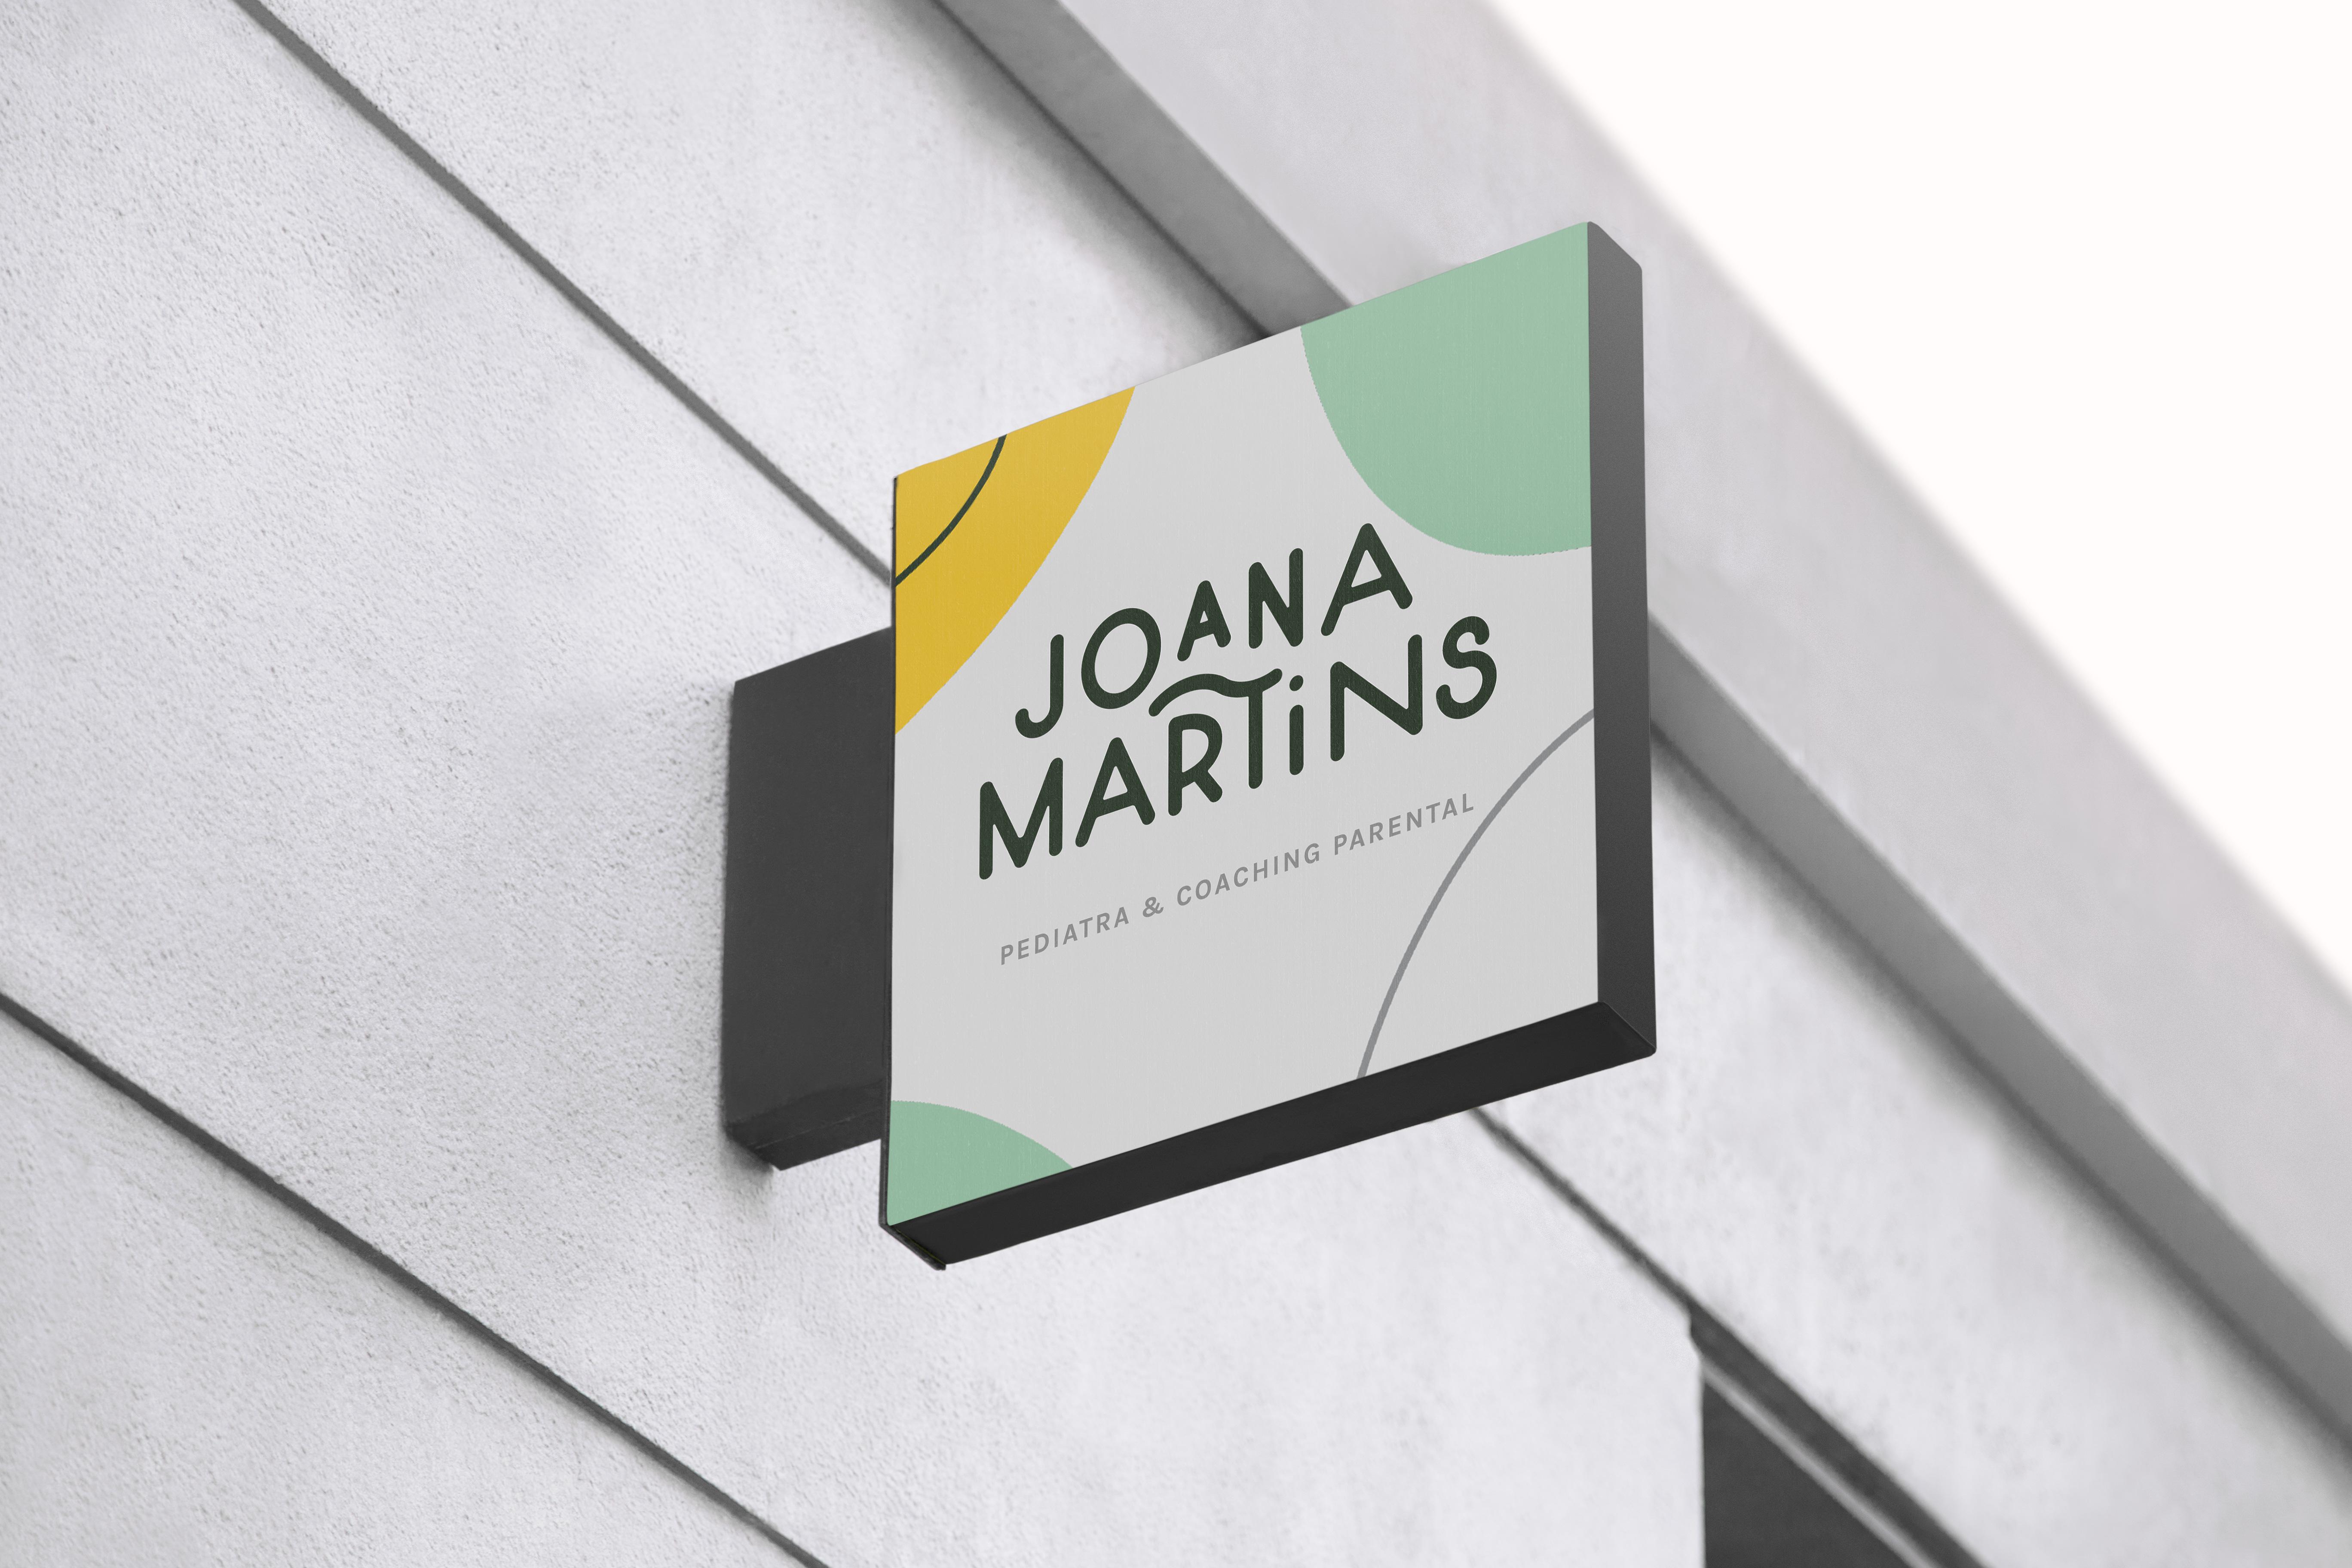 Joana Martins (2020)